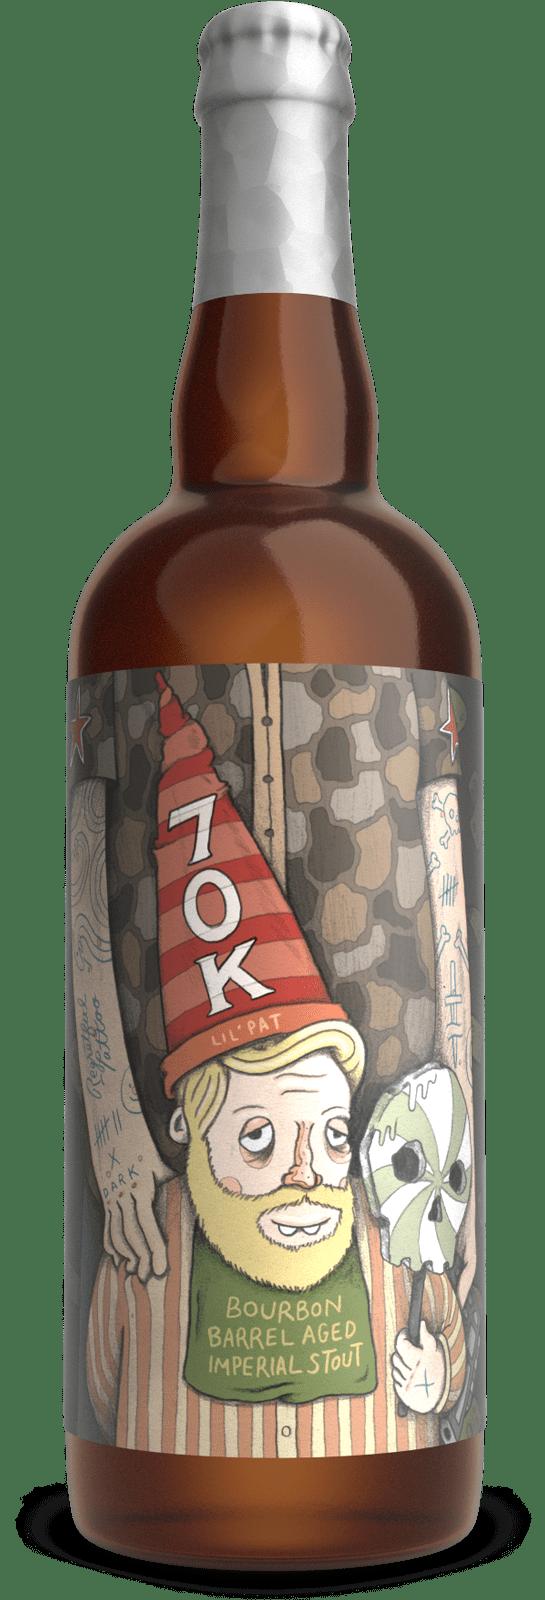 70k-mock